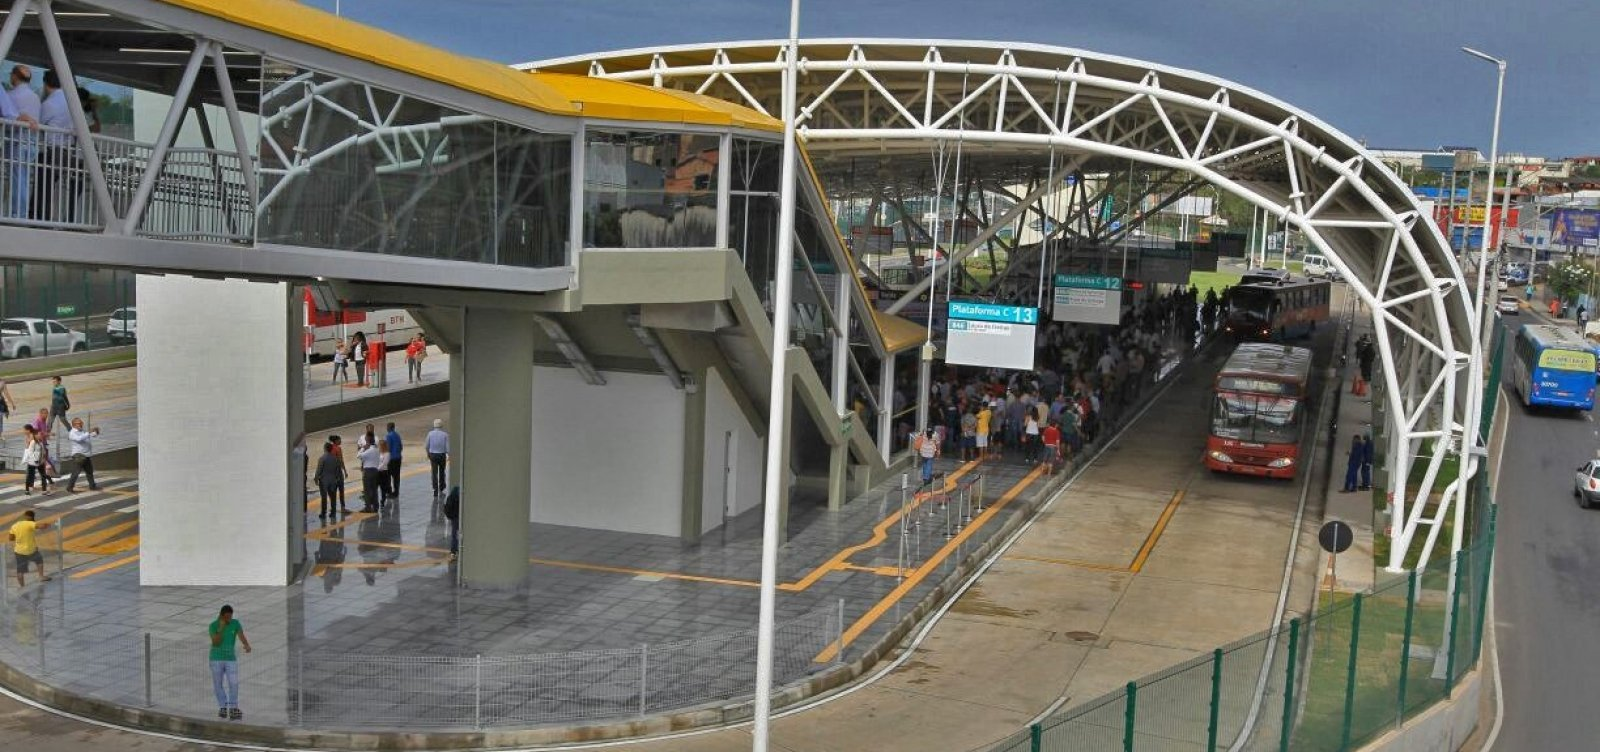 [ Ponto de ônibus é desativado em Salvador a partir de amanhã ]